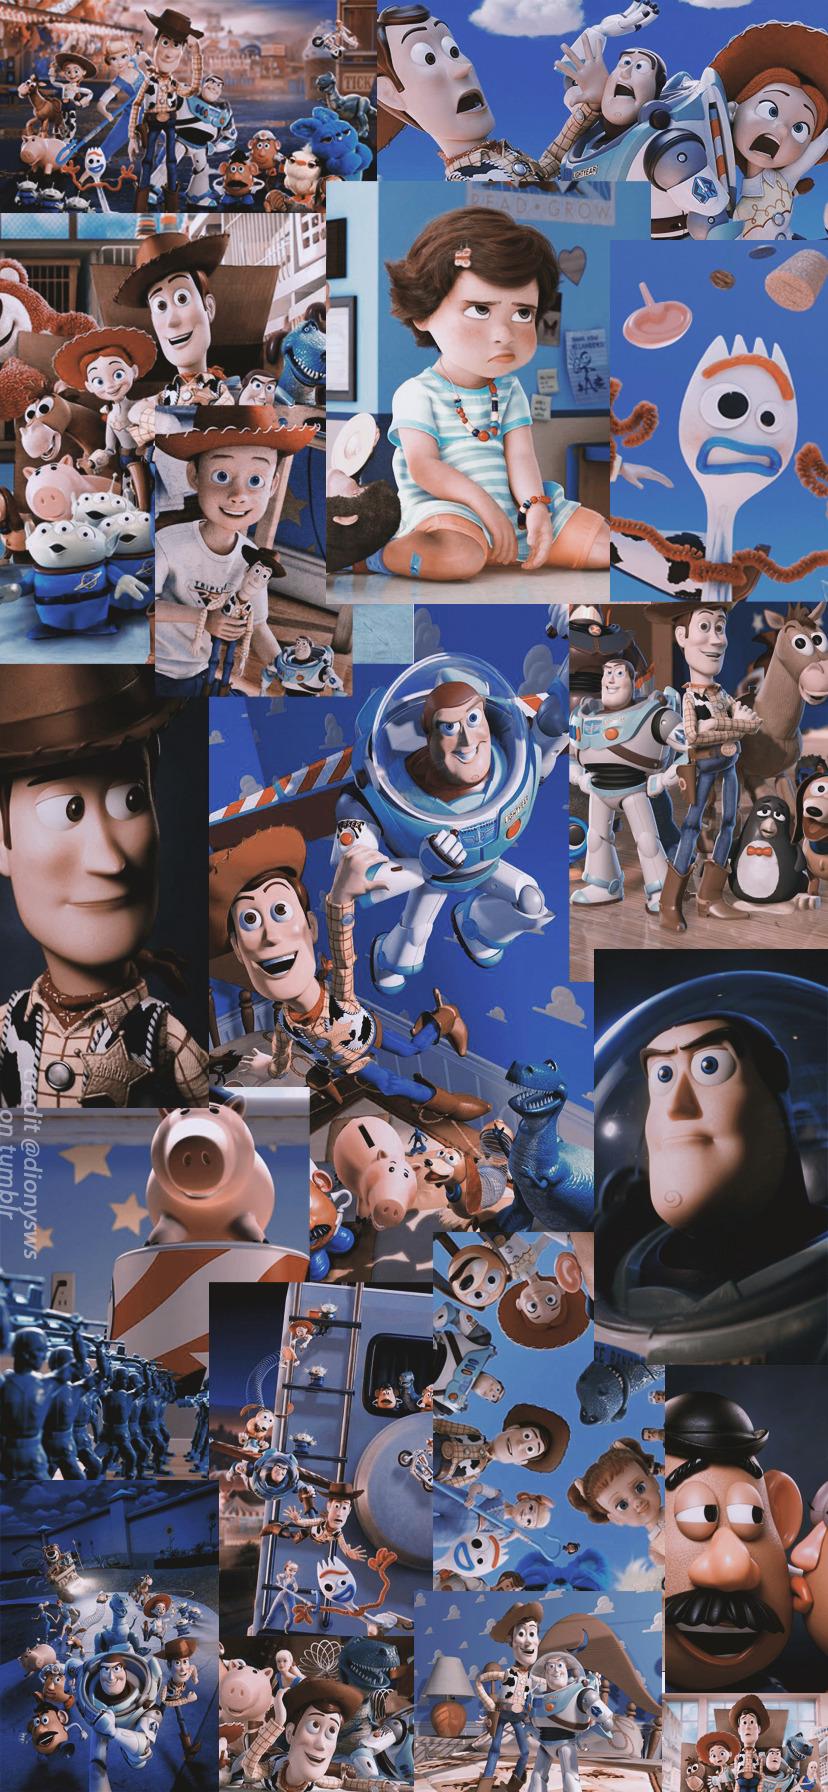 Pin Oleh Ashlyn Breland Di Aesthetic Iphone Wallpaper Di 2020 Kartun Gambar Simpel Gambar Disney Collage Disney Wallpaper Cute Disney Wallpaper